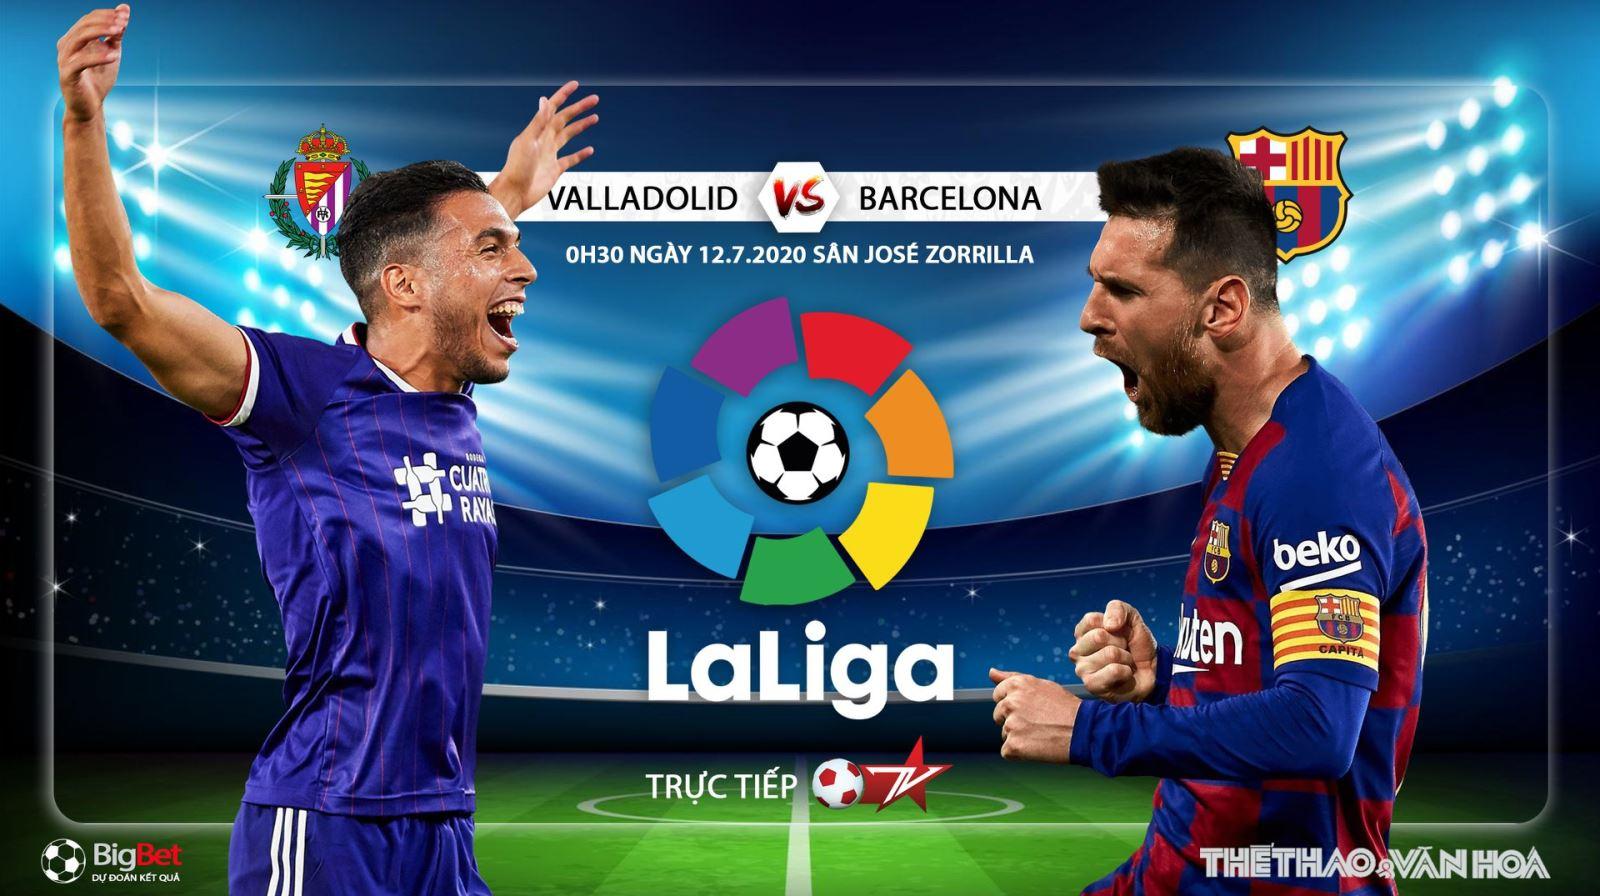 Soi kèo bóng đá Valladolid vs Barcelona. Trực tiếp bóng đá vòng 36 La Liga. BĐTV